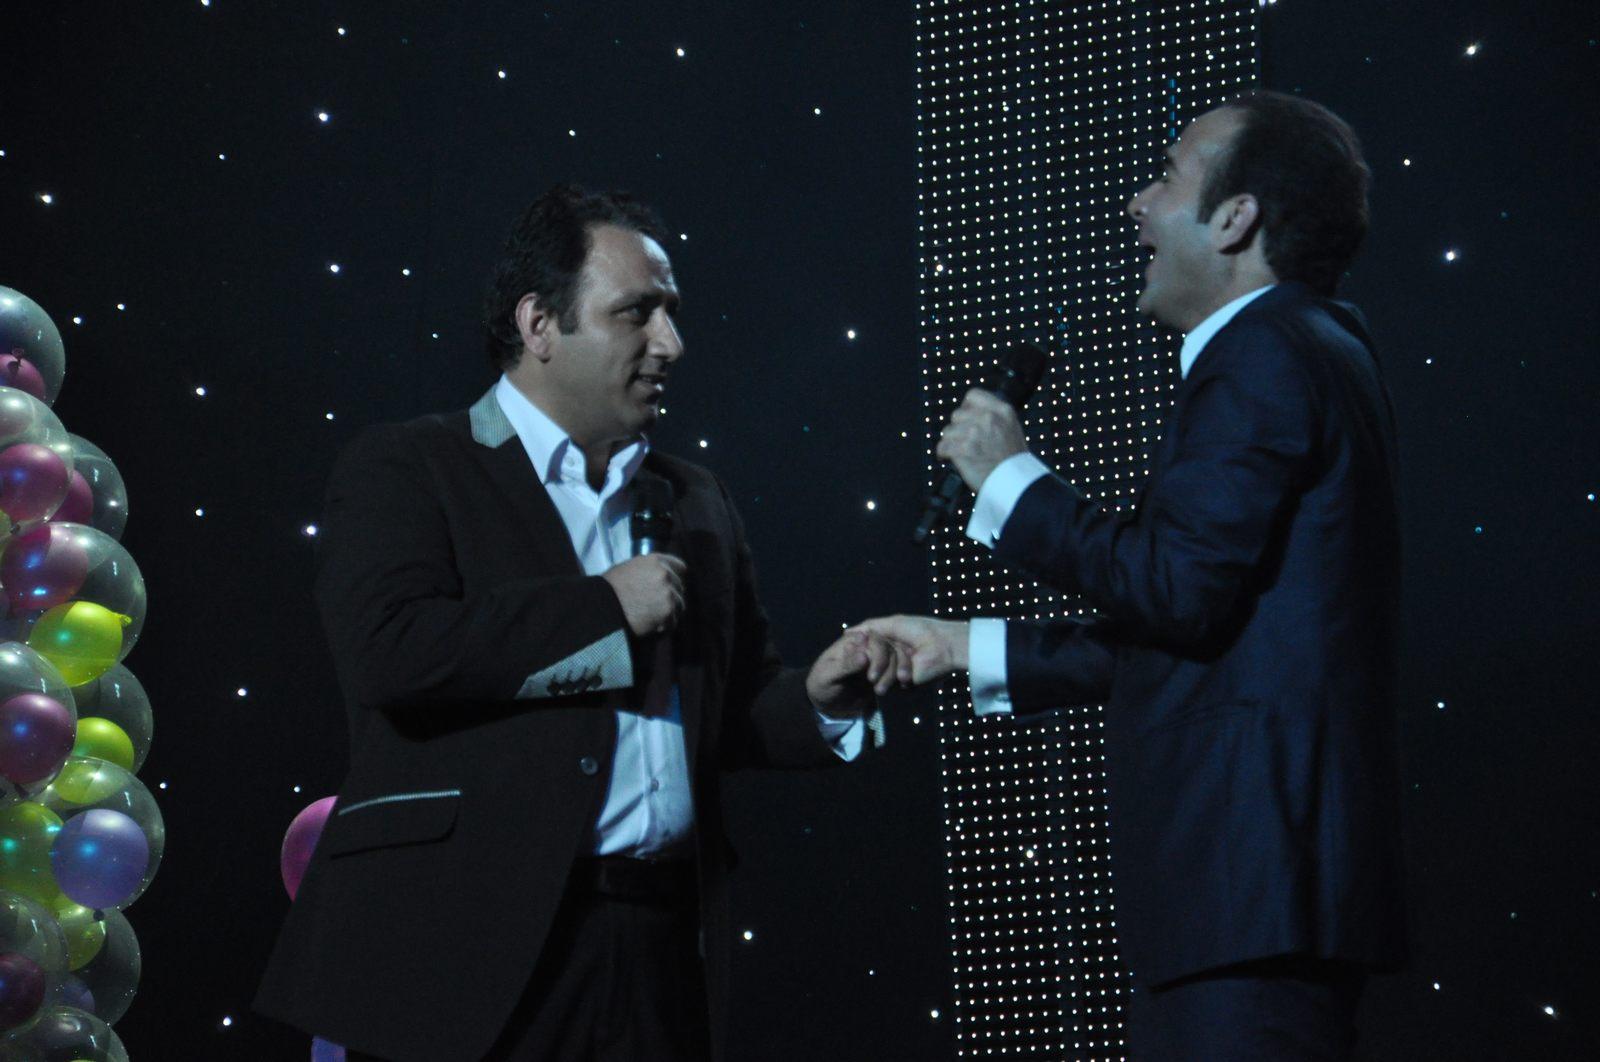 کنسرت خنده حسن ریوندی نمایشگاه و کنسرت خنده حسن ریوندی خبرگزاری